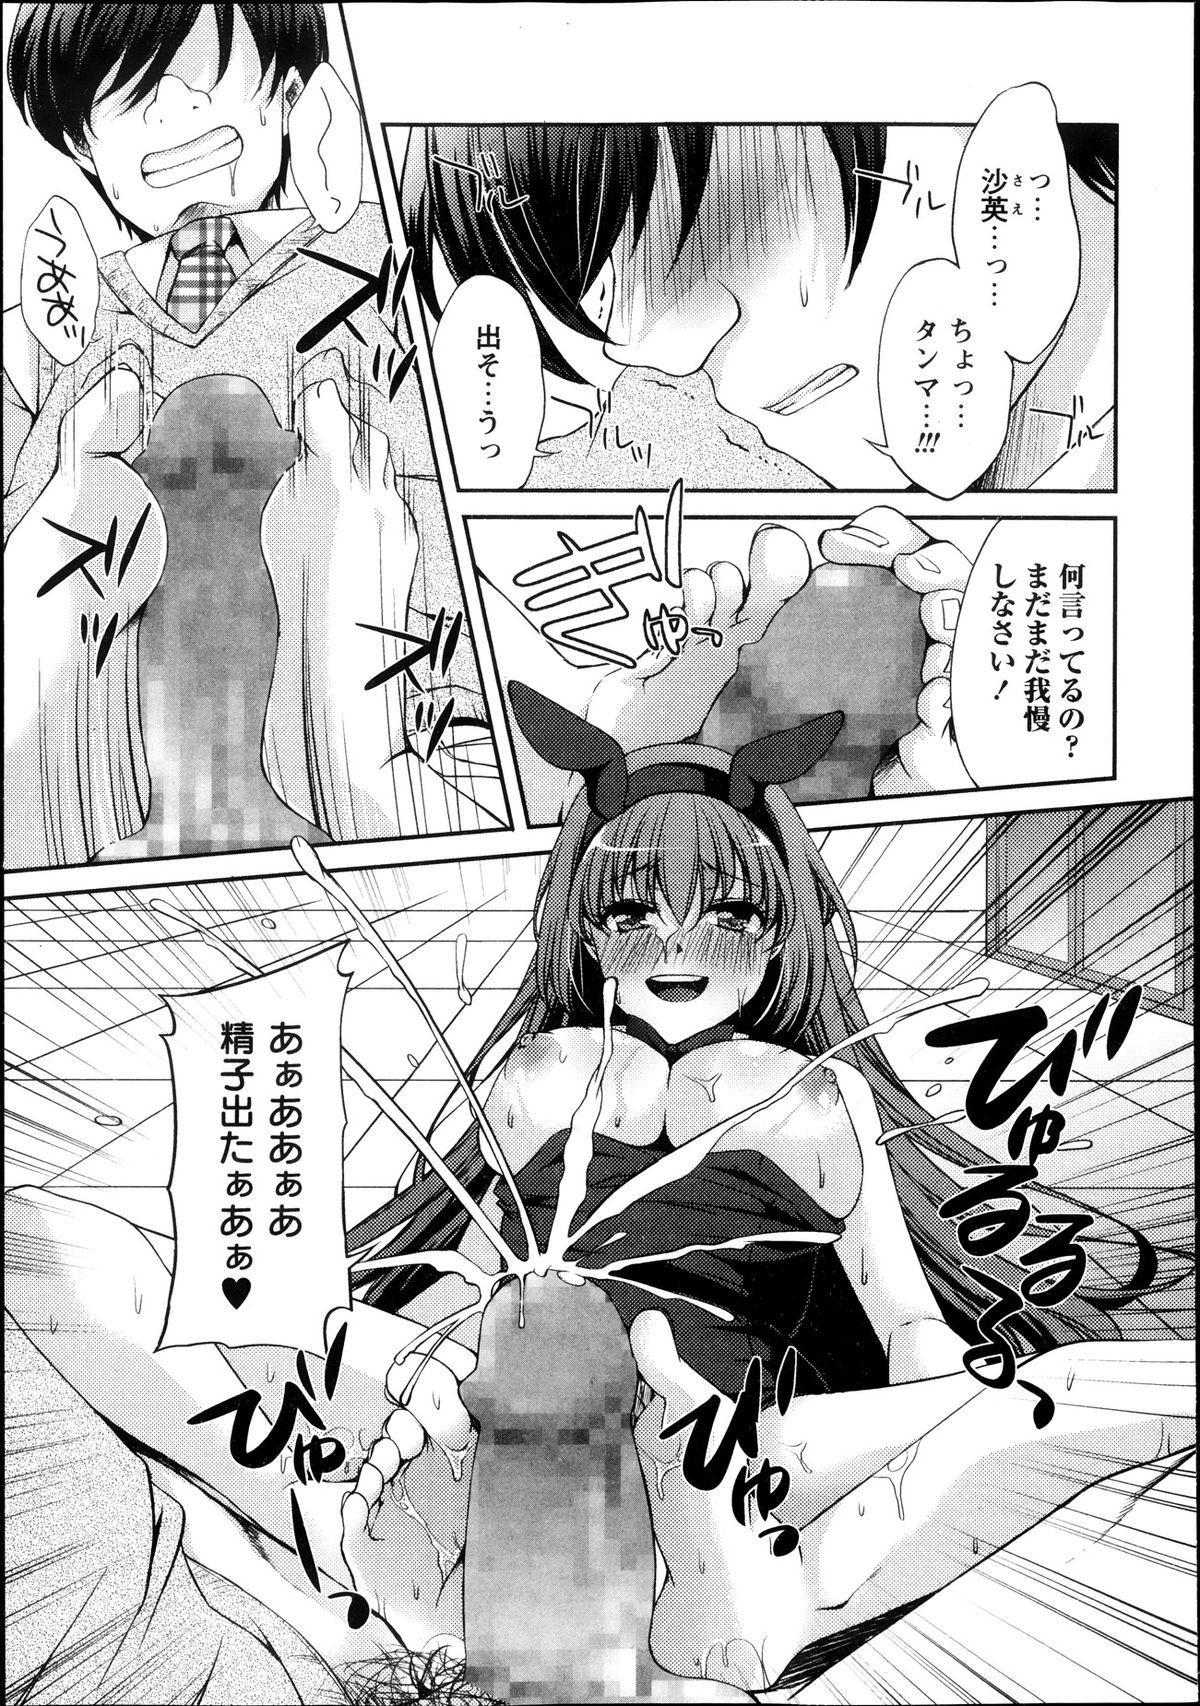 [Aoi Yumi] Kamen no Daishou ~Rensa Suru Ryoujoku~ Ch.1-5 72